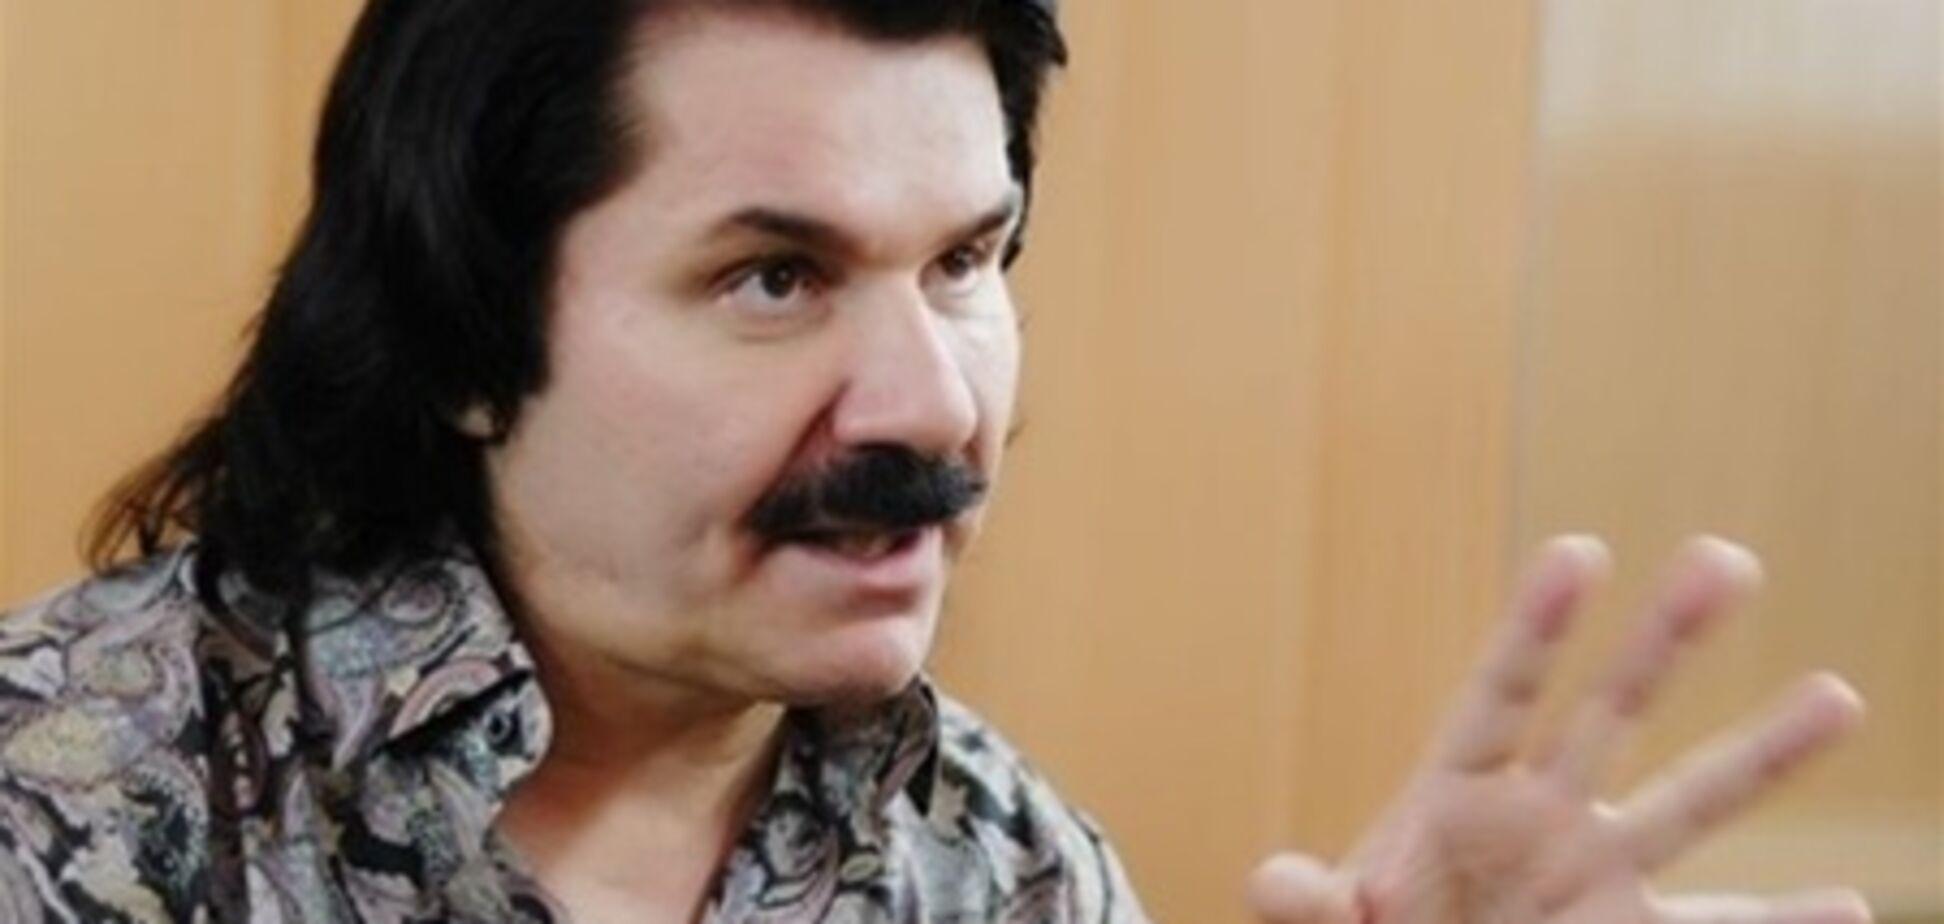 Зибров угрожает отрубить голову журналисту. Видео